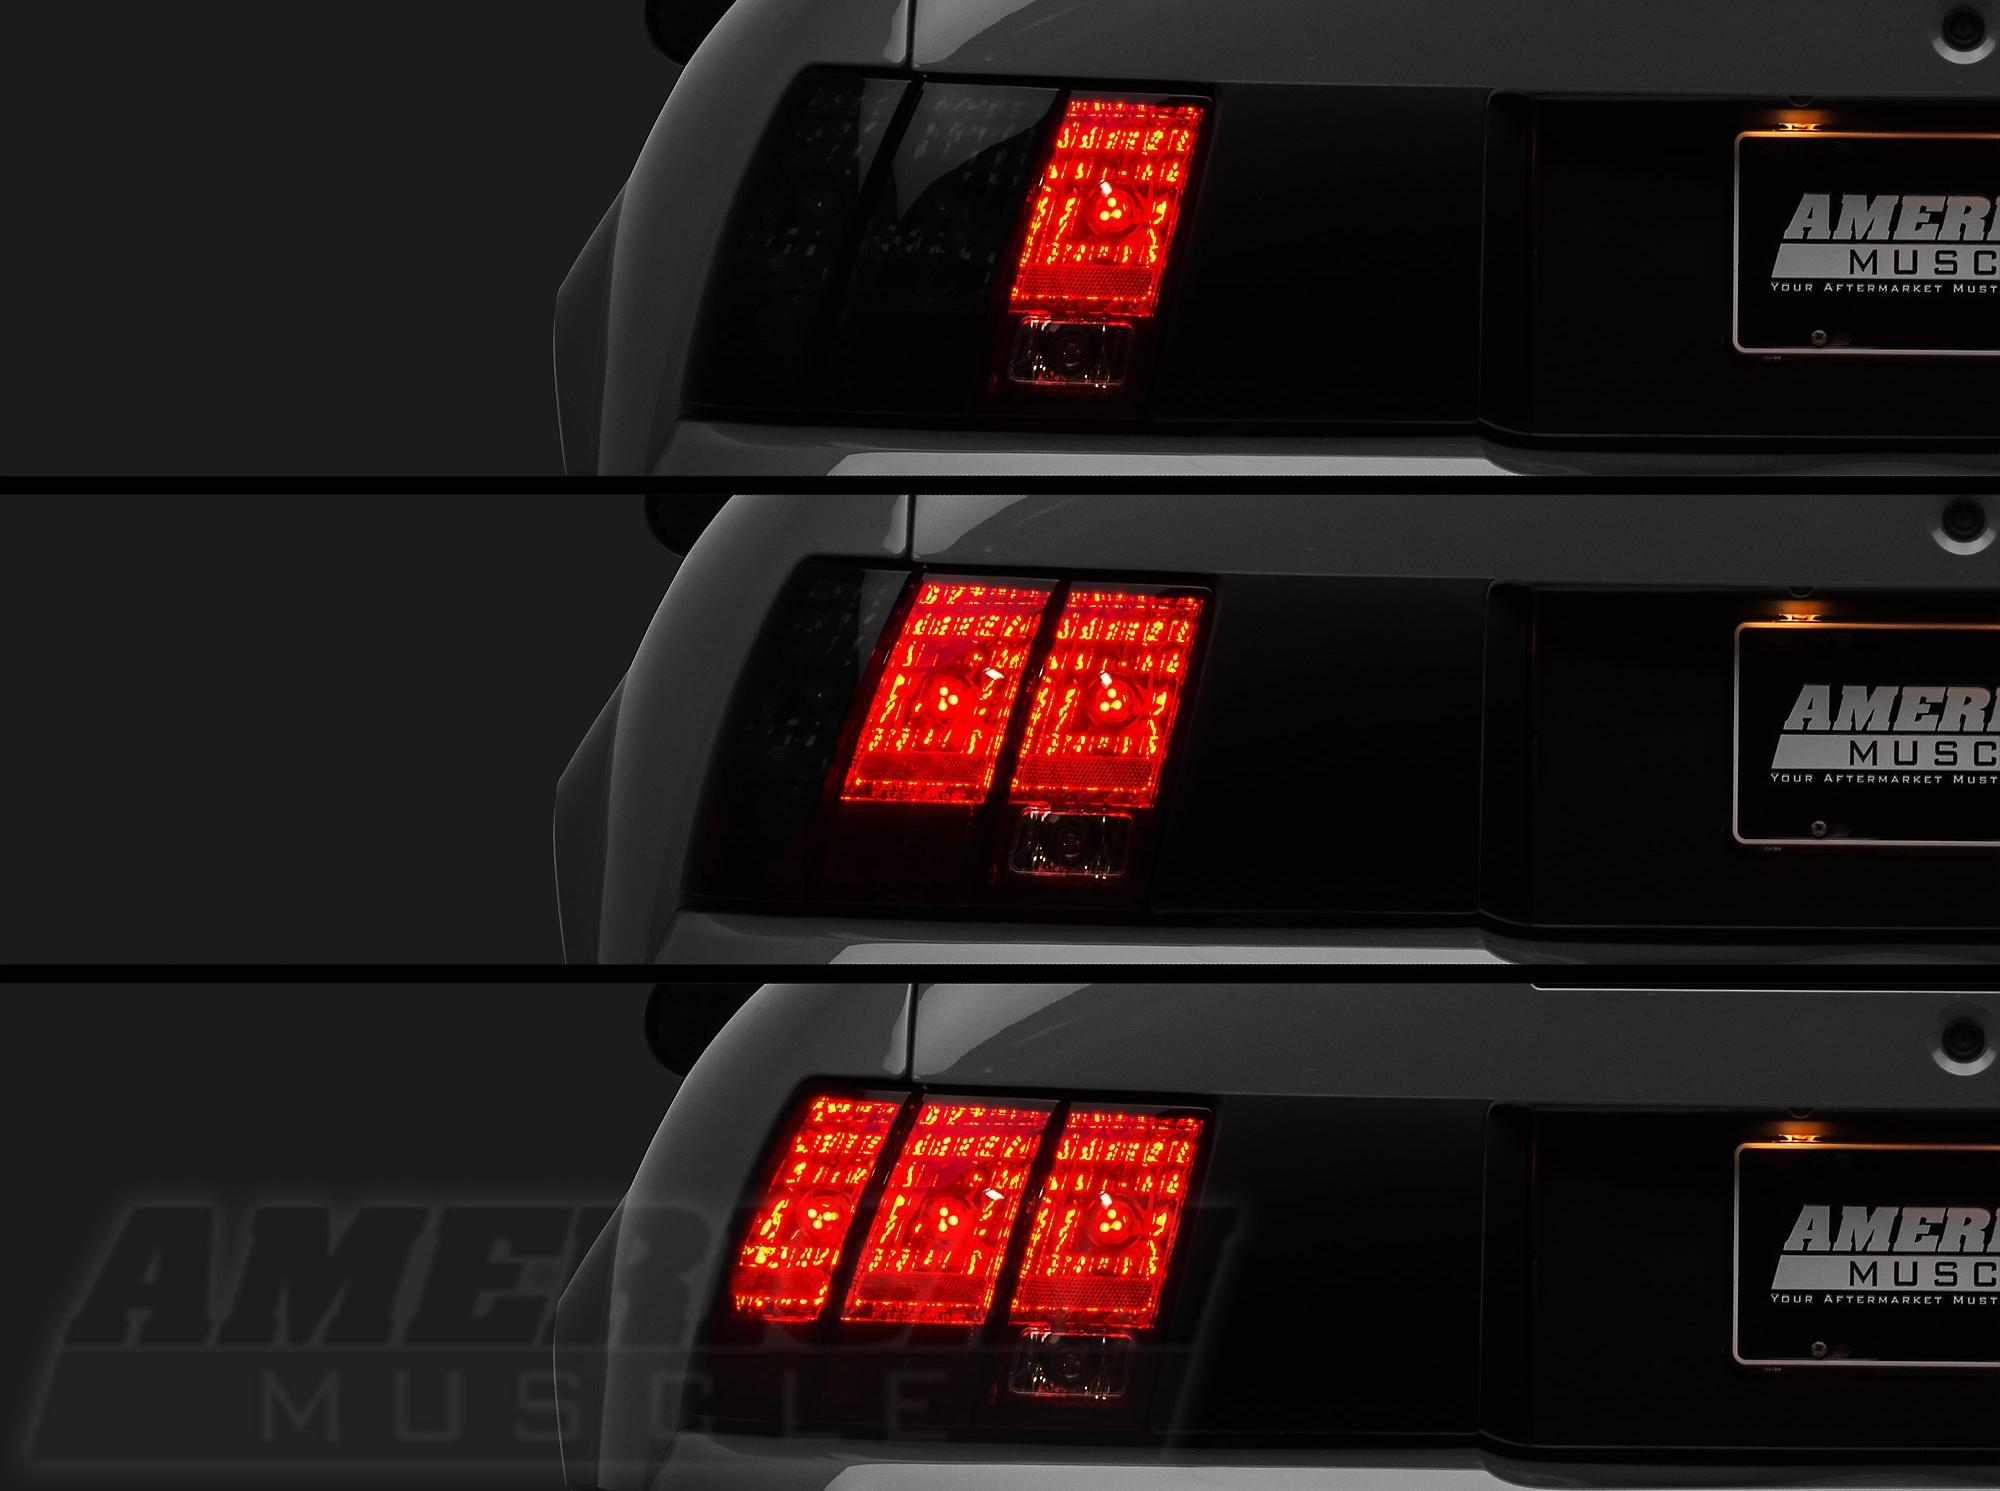 Can Am Spyder Led Lights